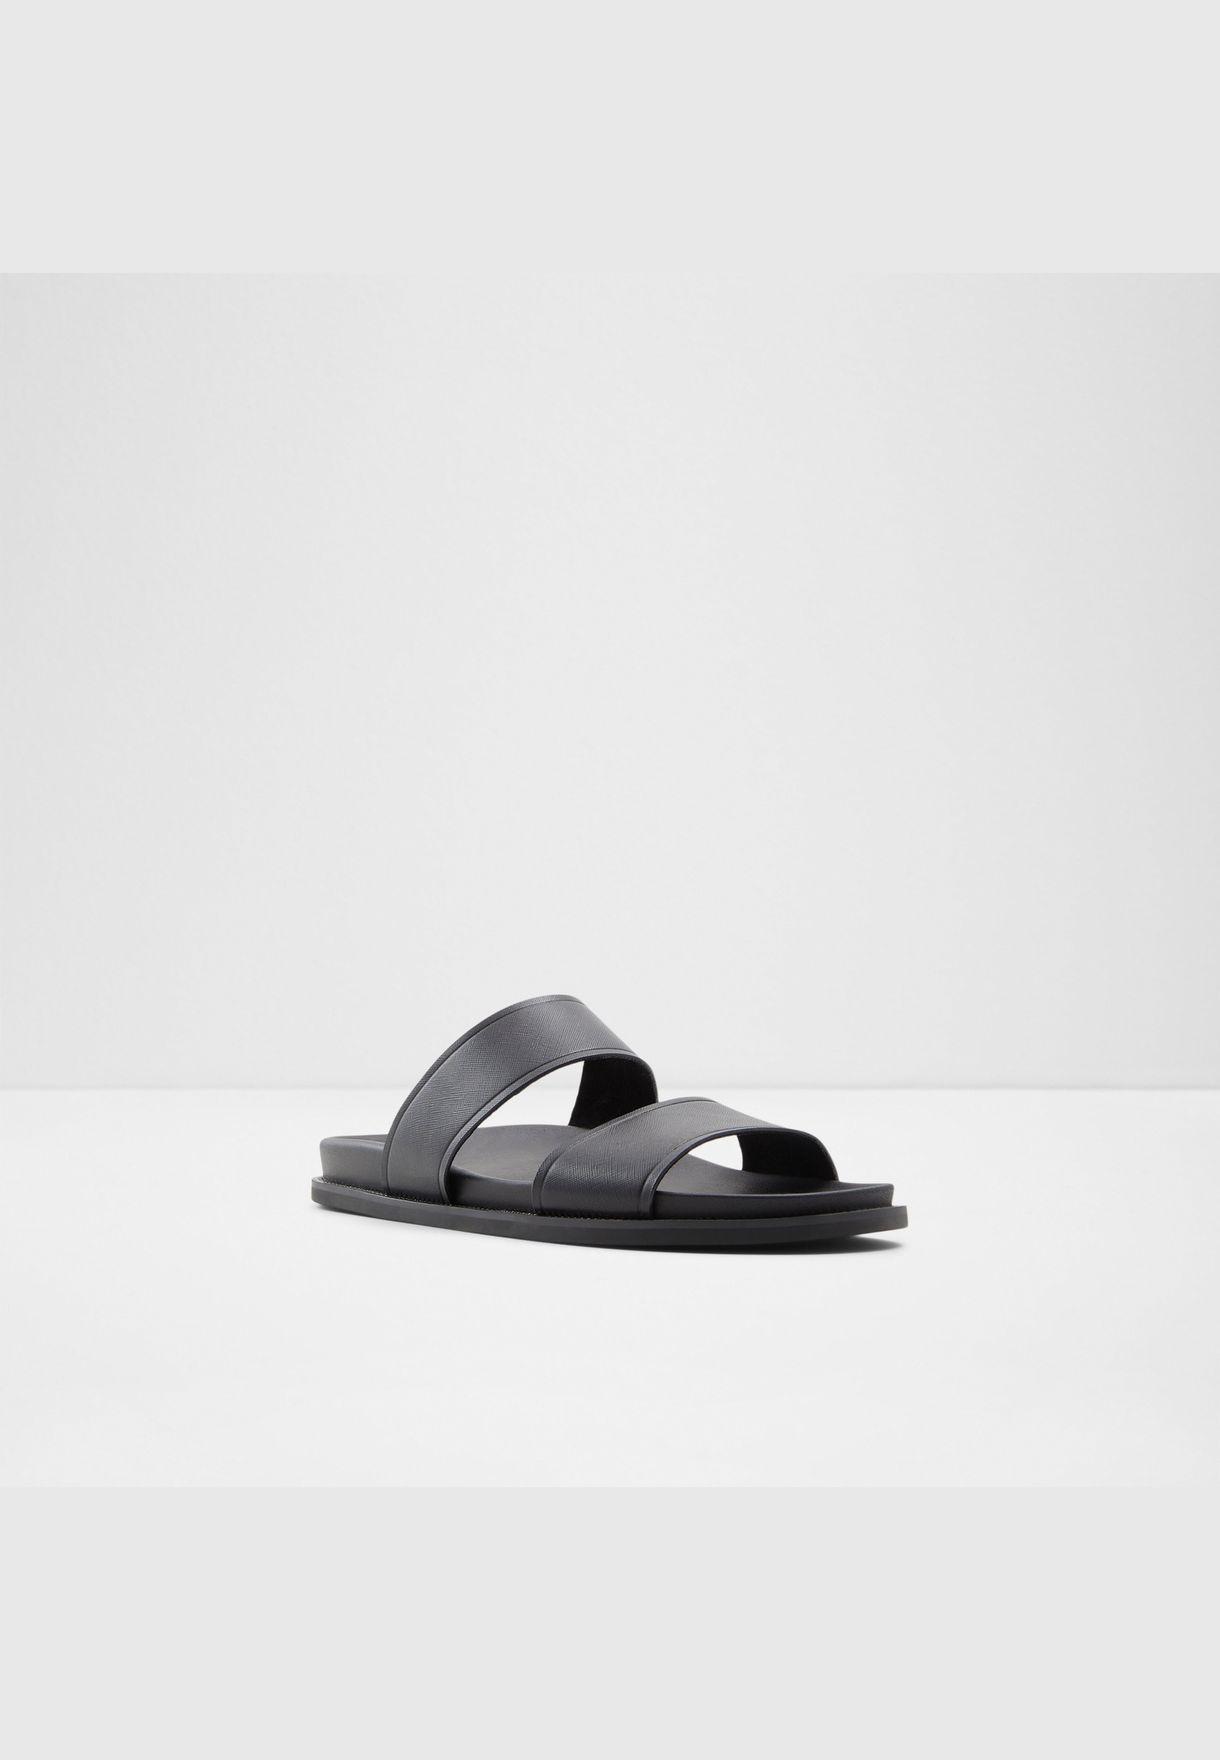 Genuine Leather Sandal Flat Heel